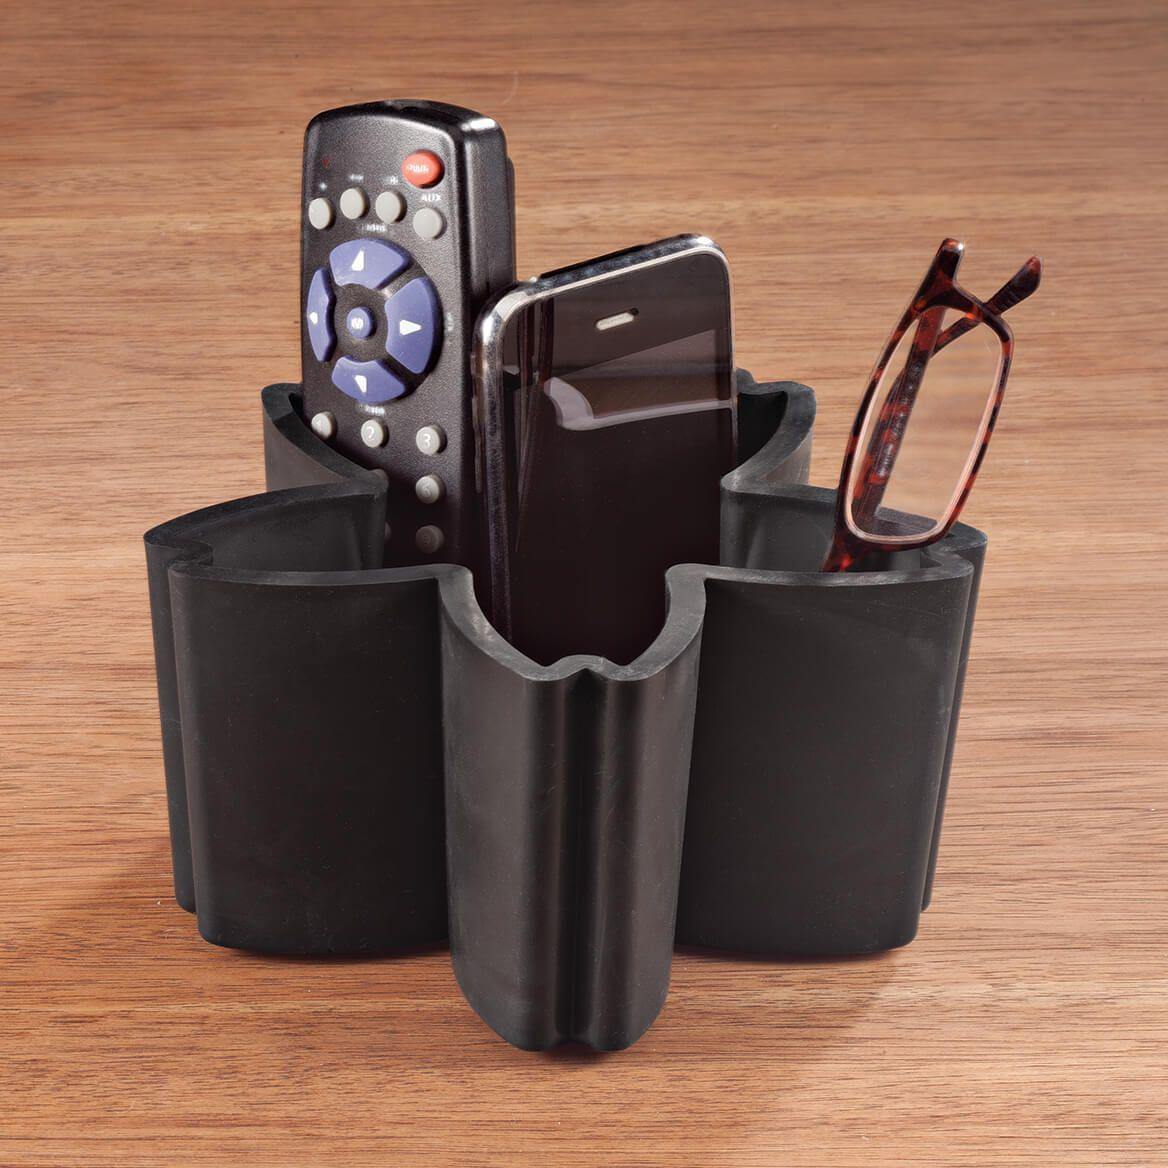 Remote Control Organizer Stand-365419